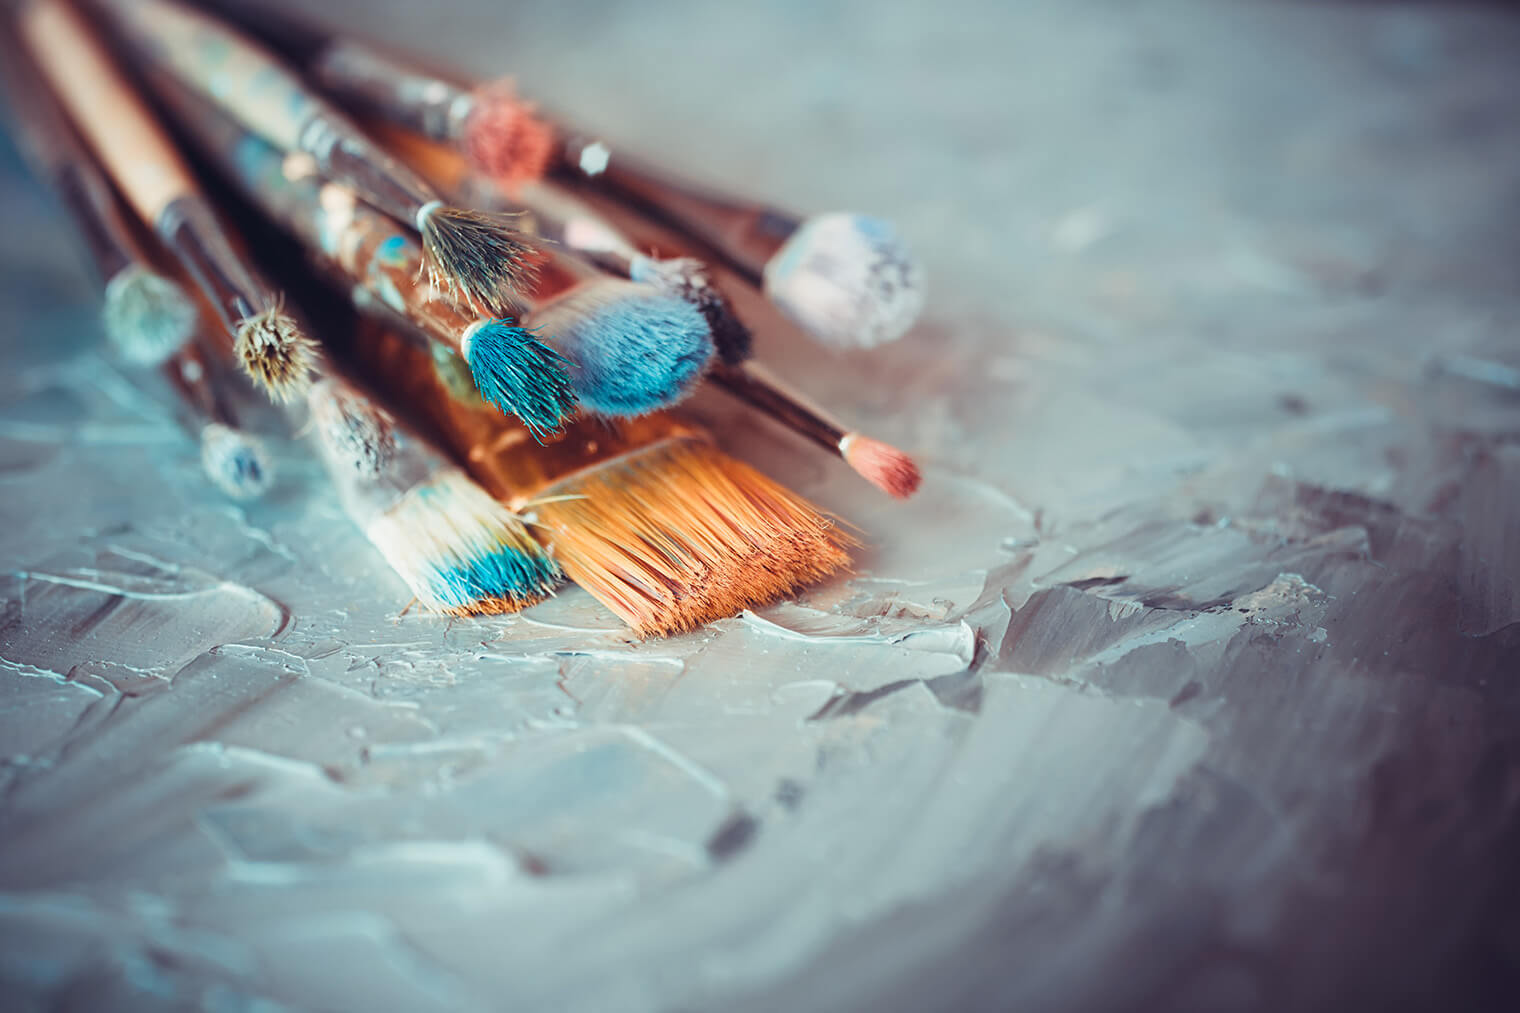 水彩、油絵の絵の具や筆のお手入れや収納・保管方法【アイテム別】